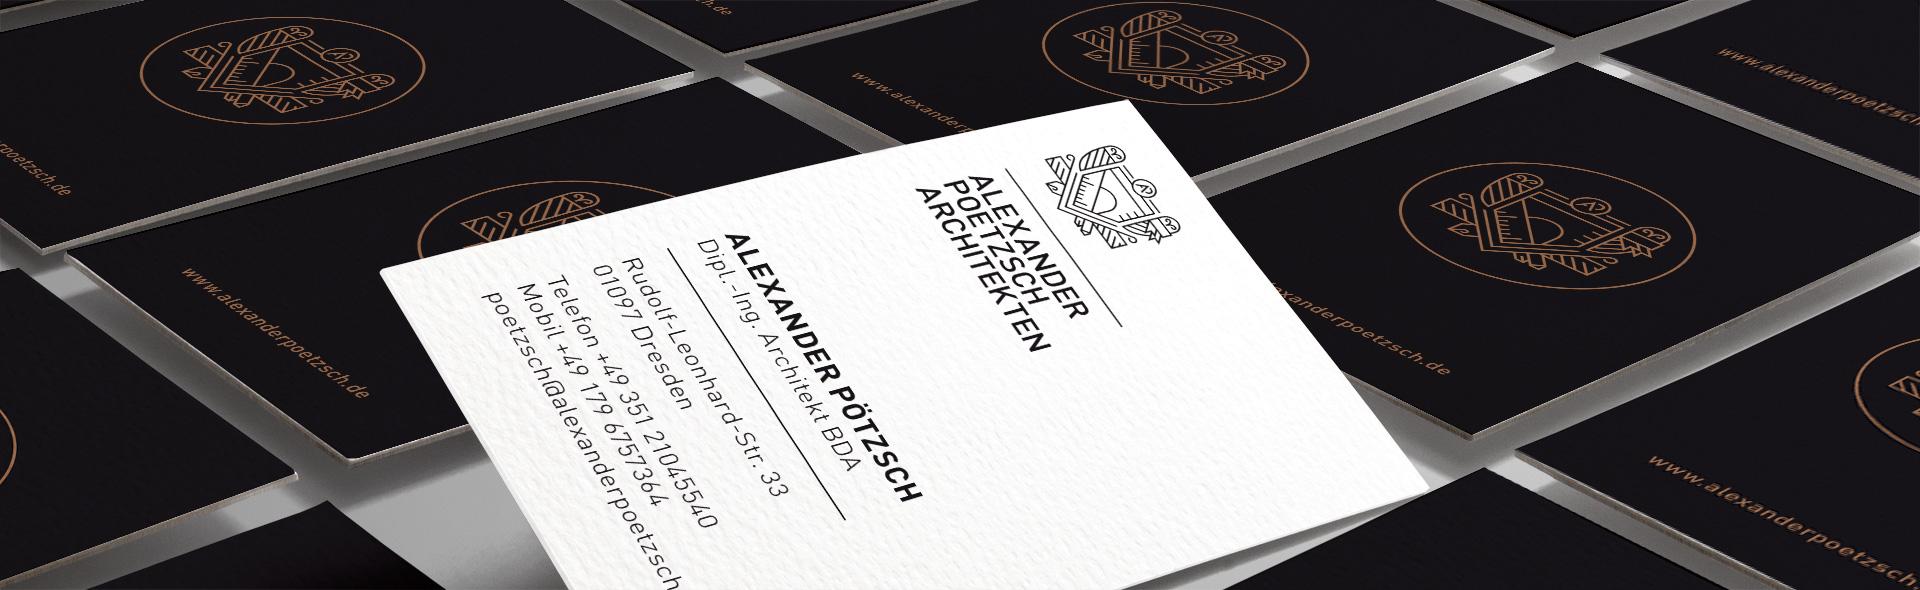 Visitenkarten als Header sortiert für Alexander Pötzsch Architekten. Markenentwicklung stammt von CROMATICS.